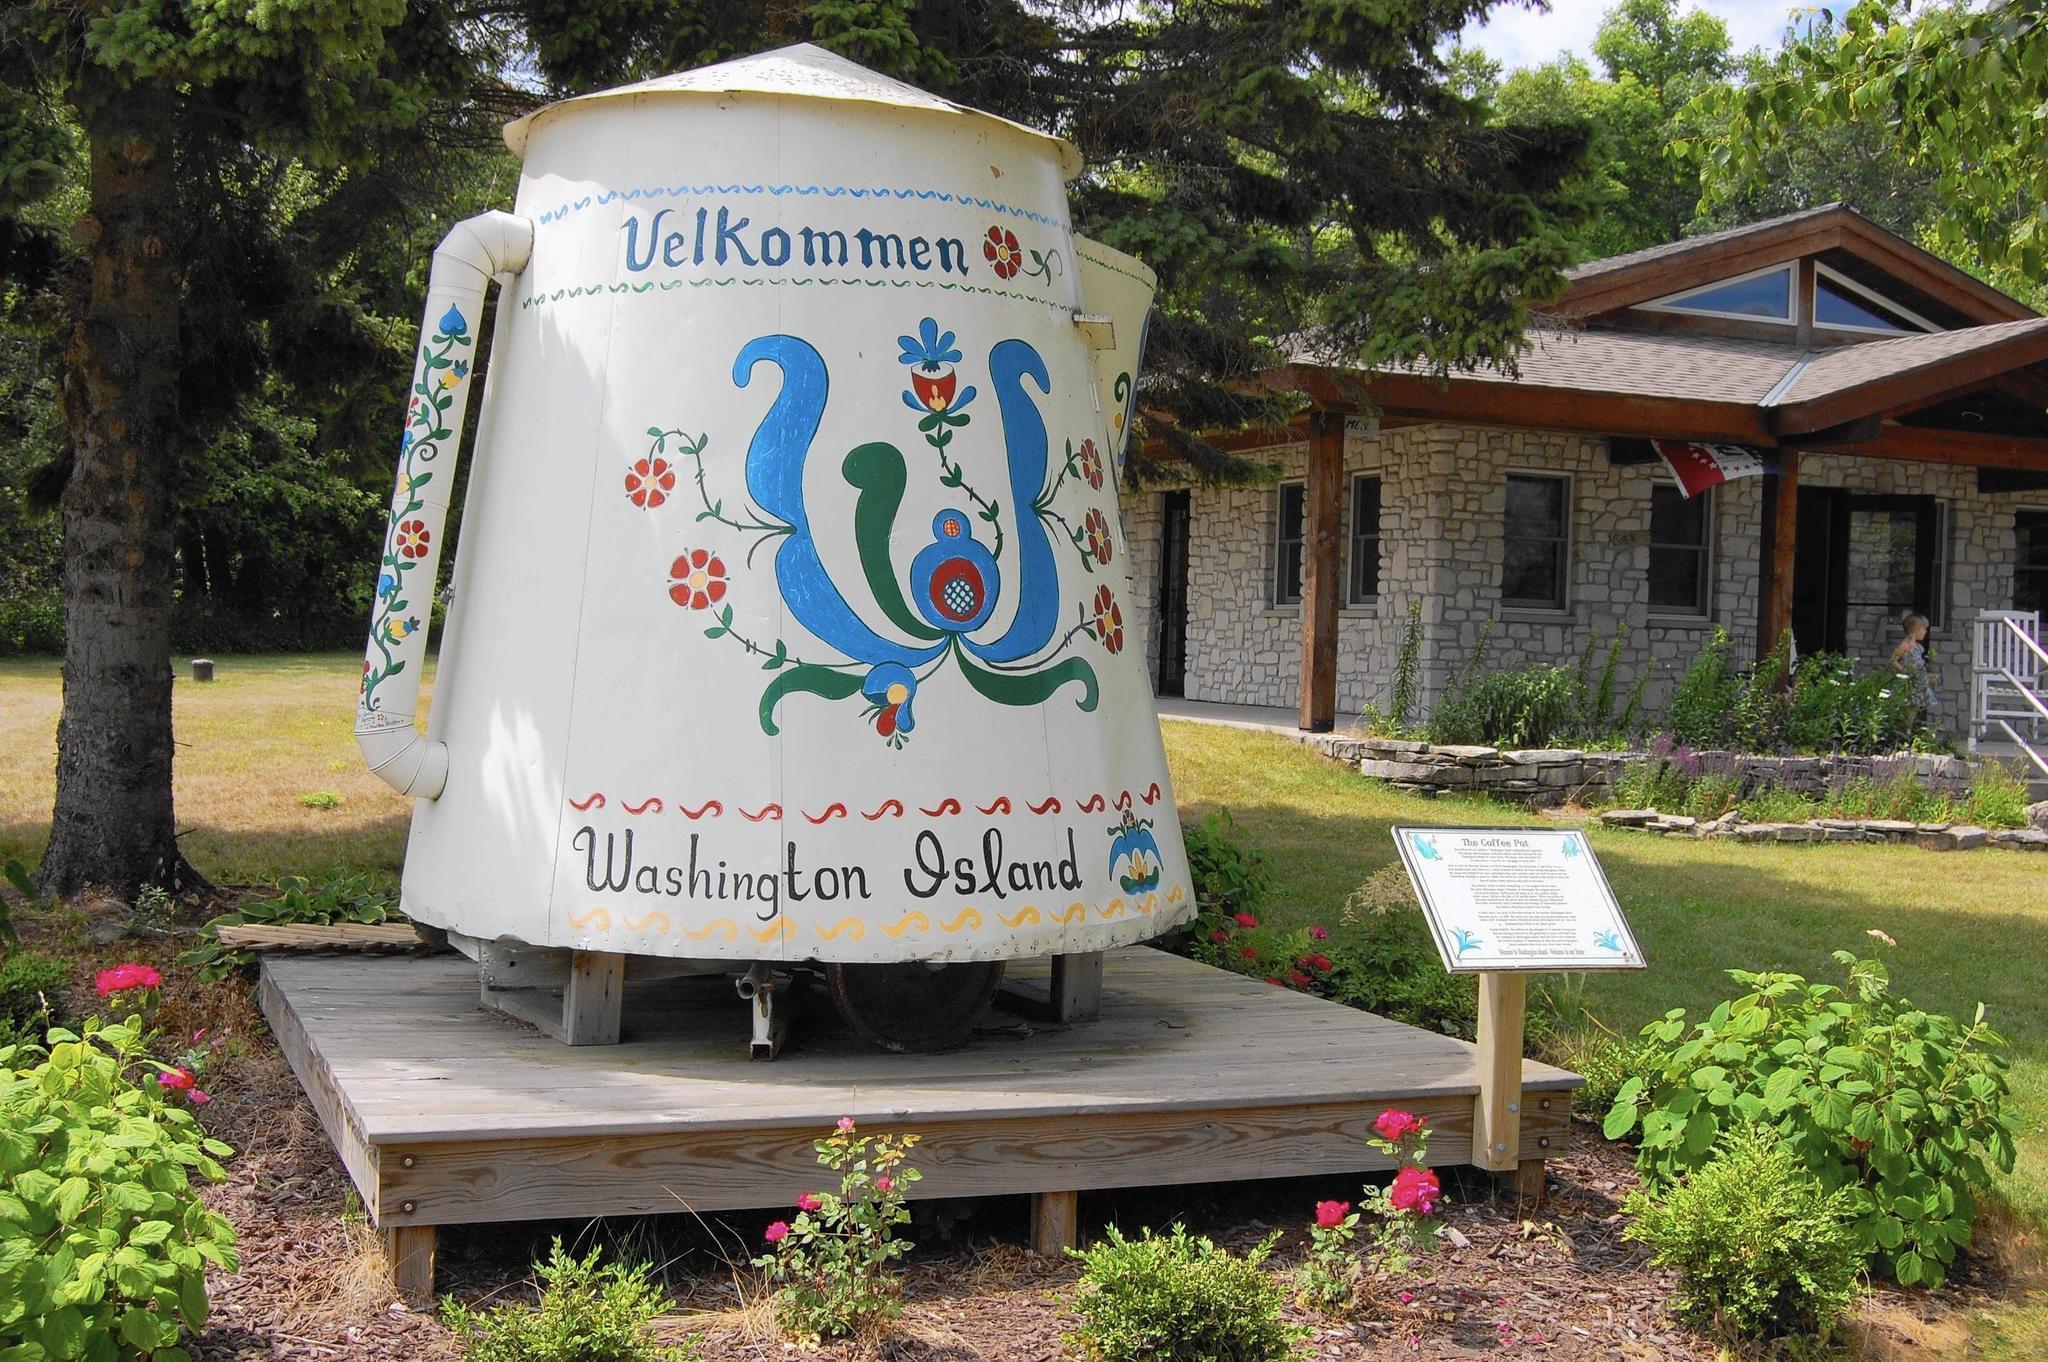 Washington Island Door County: Washington Island Ferry